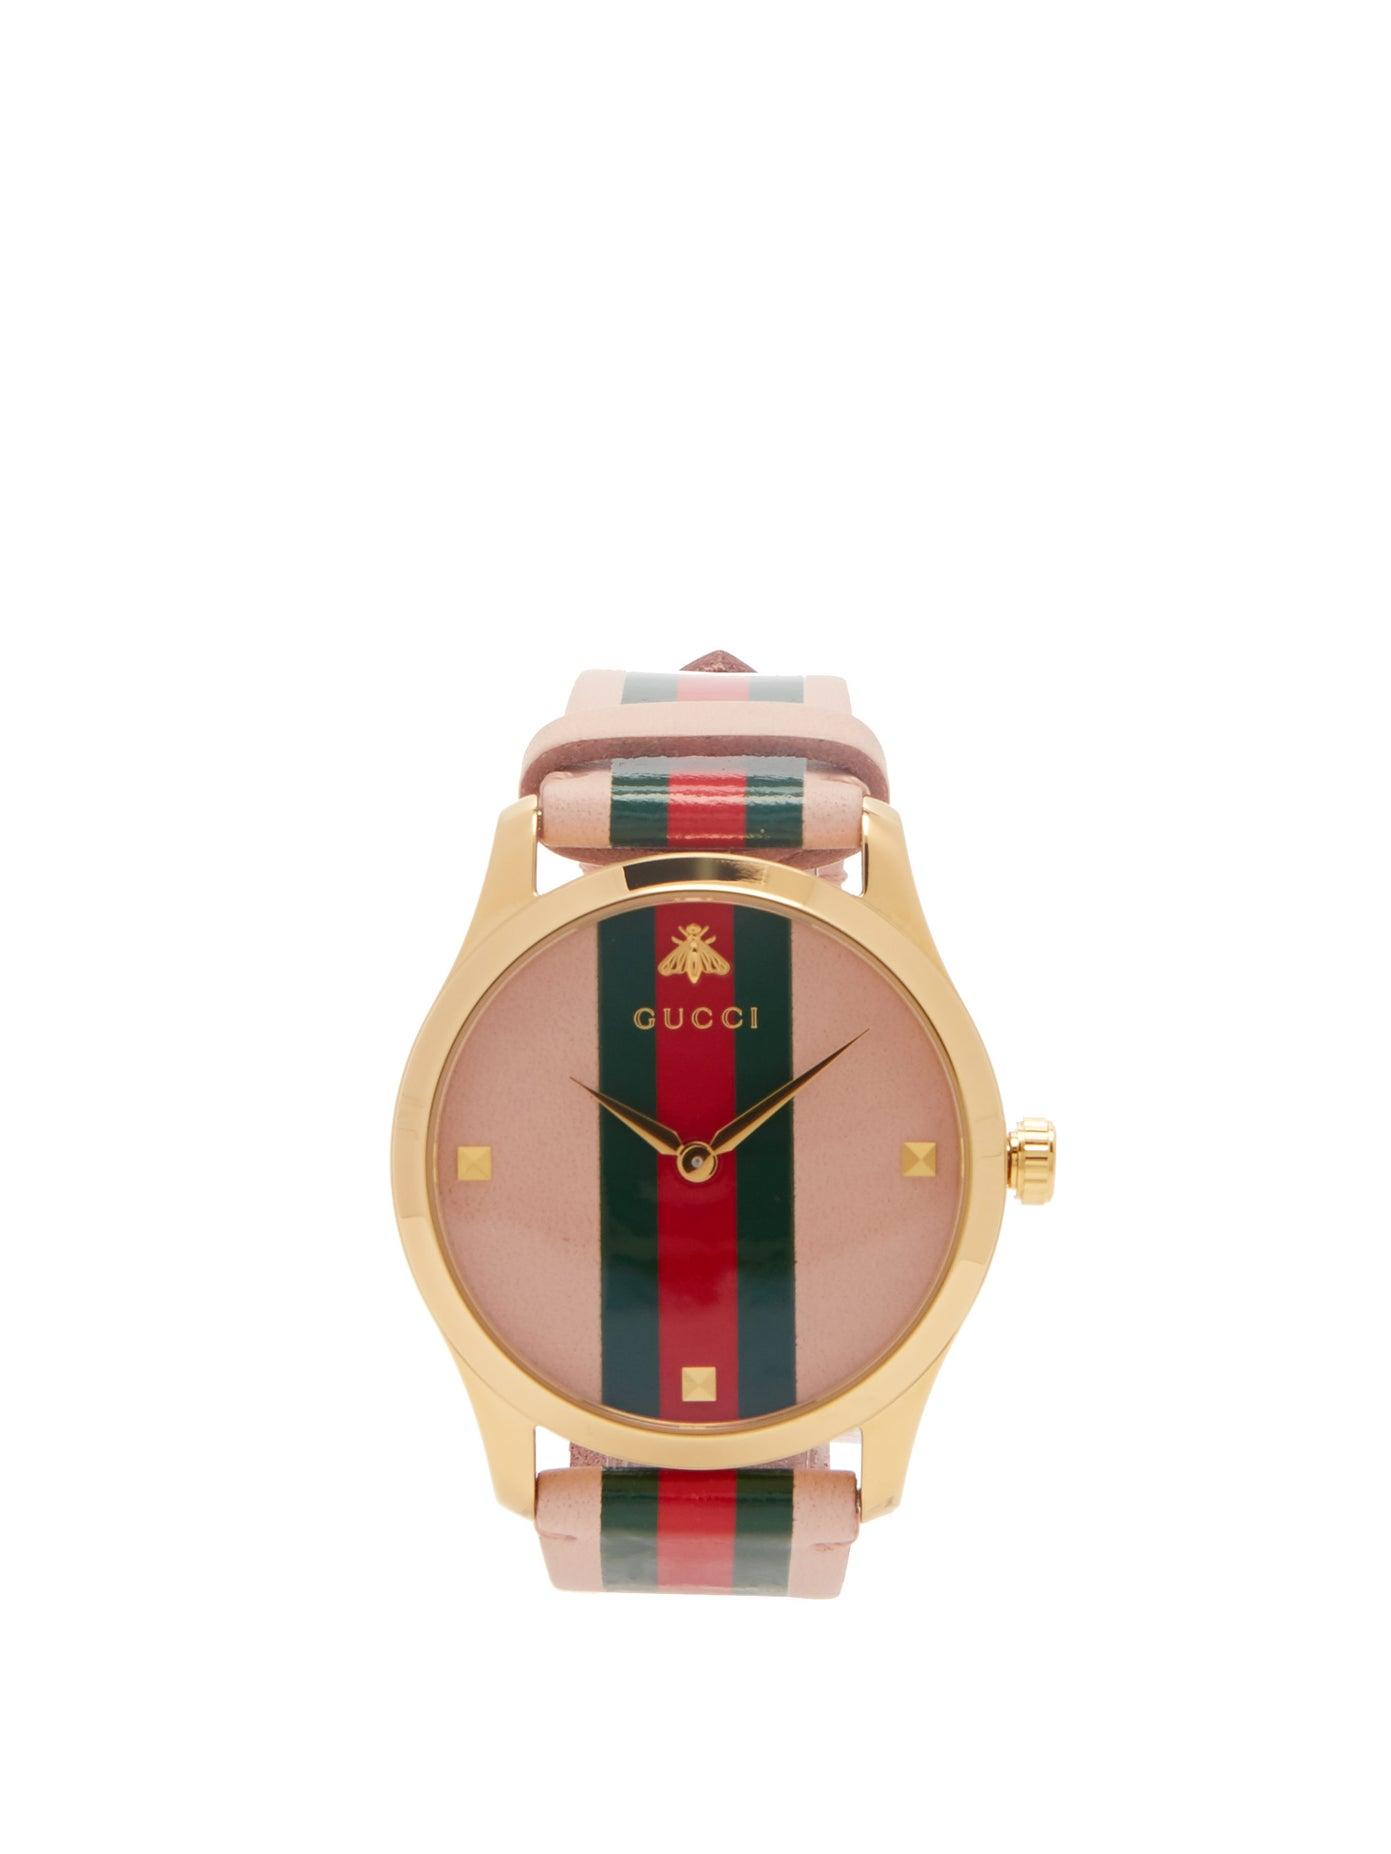 ساعة بتصميم مميز من Gucci